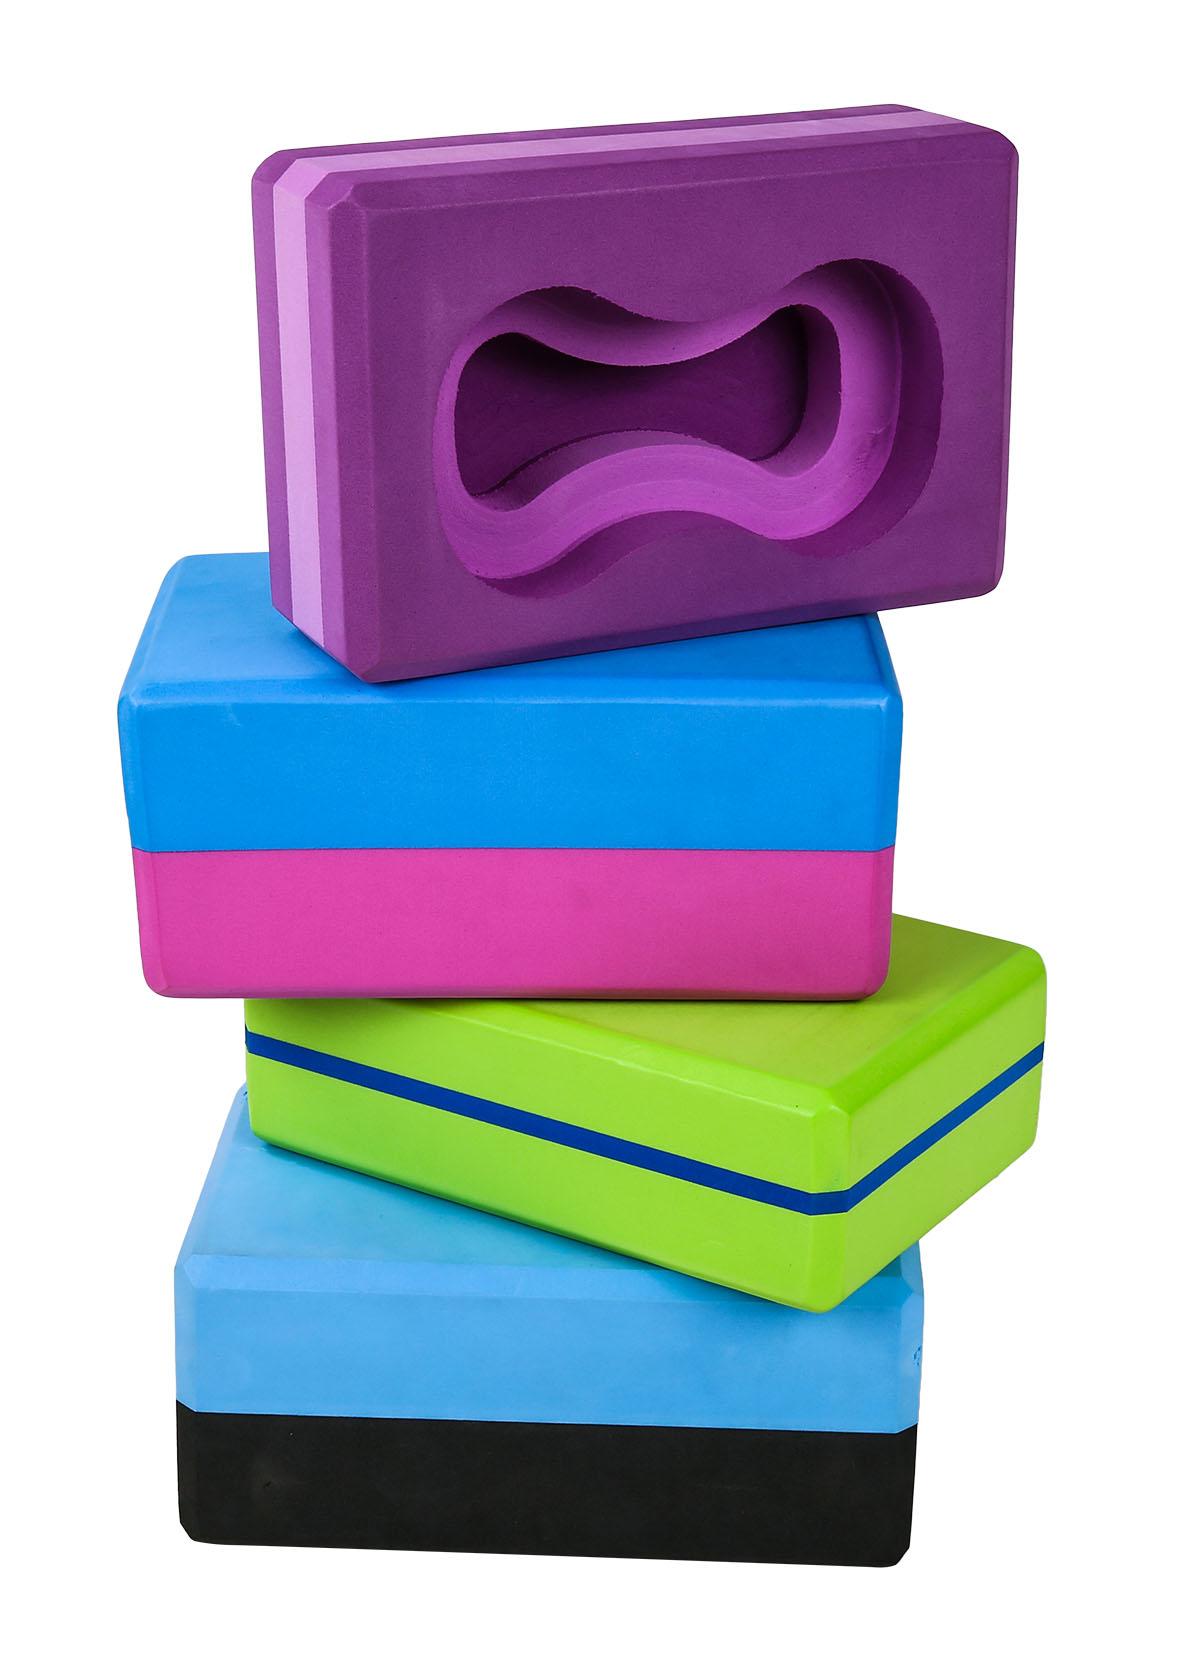 آجر بلوک فوم EVA ، بلوک های یوگا آجرهای کف باعث ایجاد ثبات و تعادل برای ورزش ، پیلاتس ، تمرین ، تناسب اندام ، سالن بدن سازی (3)